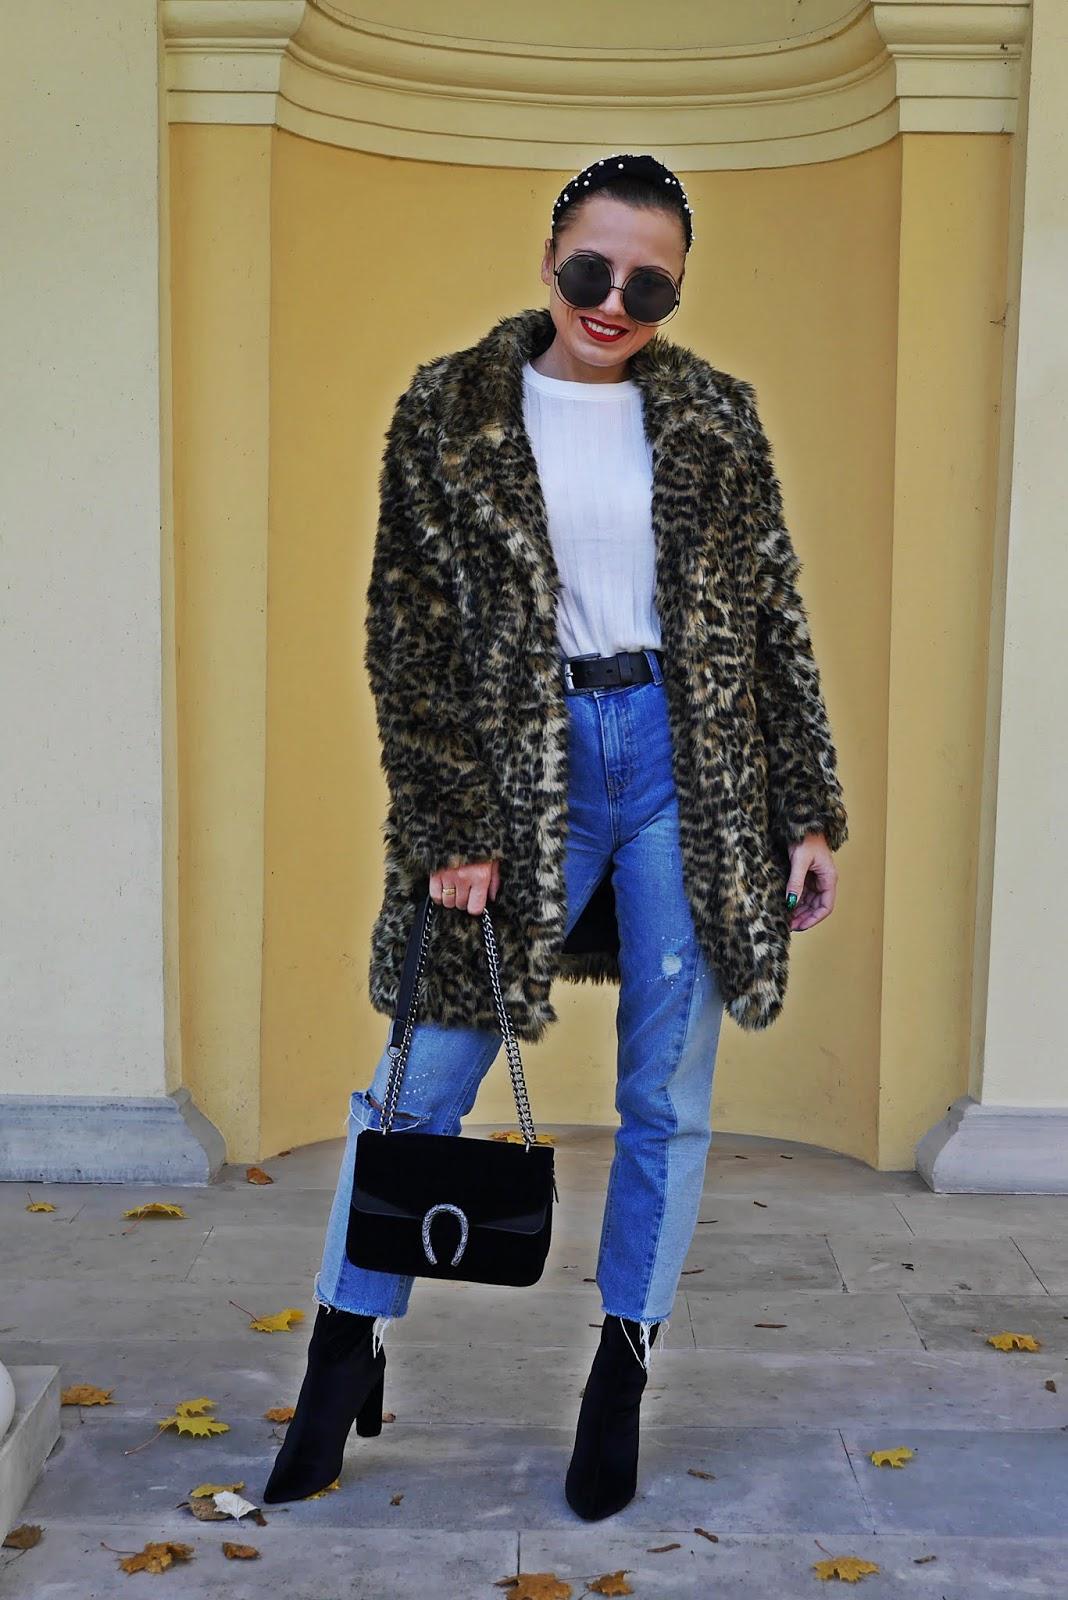 futerko w panterkę new look sh jeansy cropp botki renee skarpetkowe opaska aliexpress z perełkami karyn blog modowy blogerka modowa puławy look stylizacja jesienna